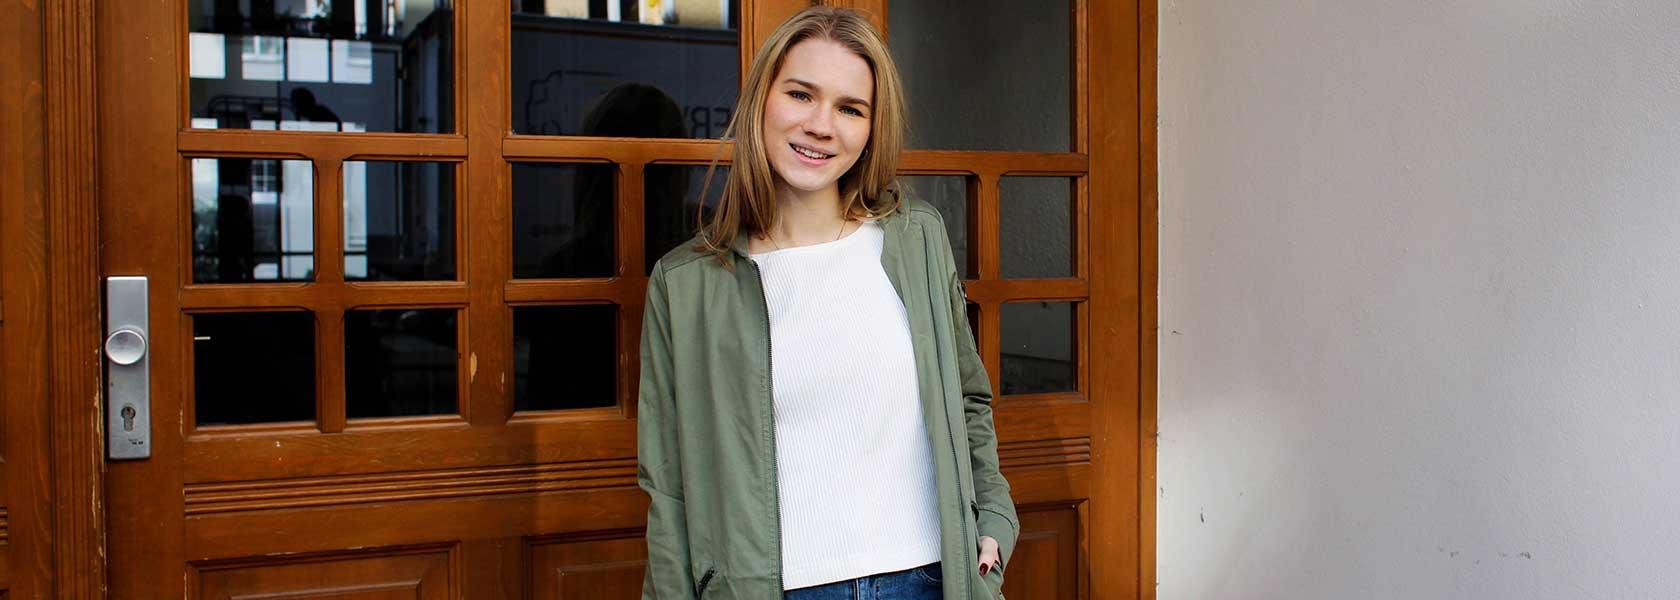 Frau mit weißem Pullover und grüner Jacke